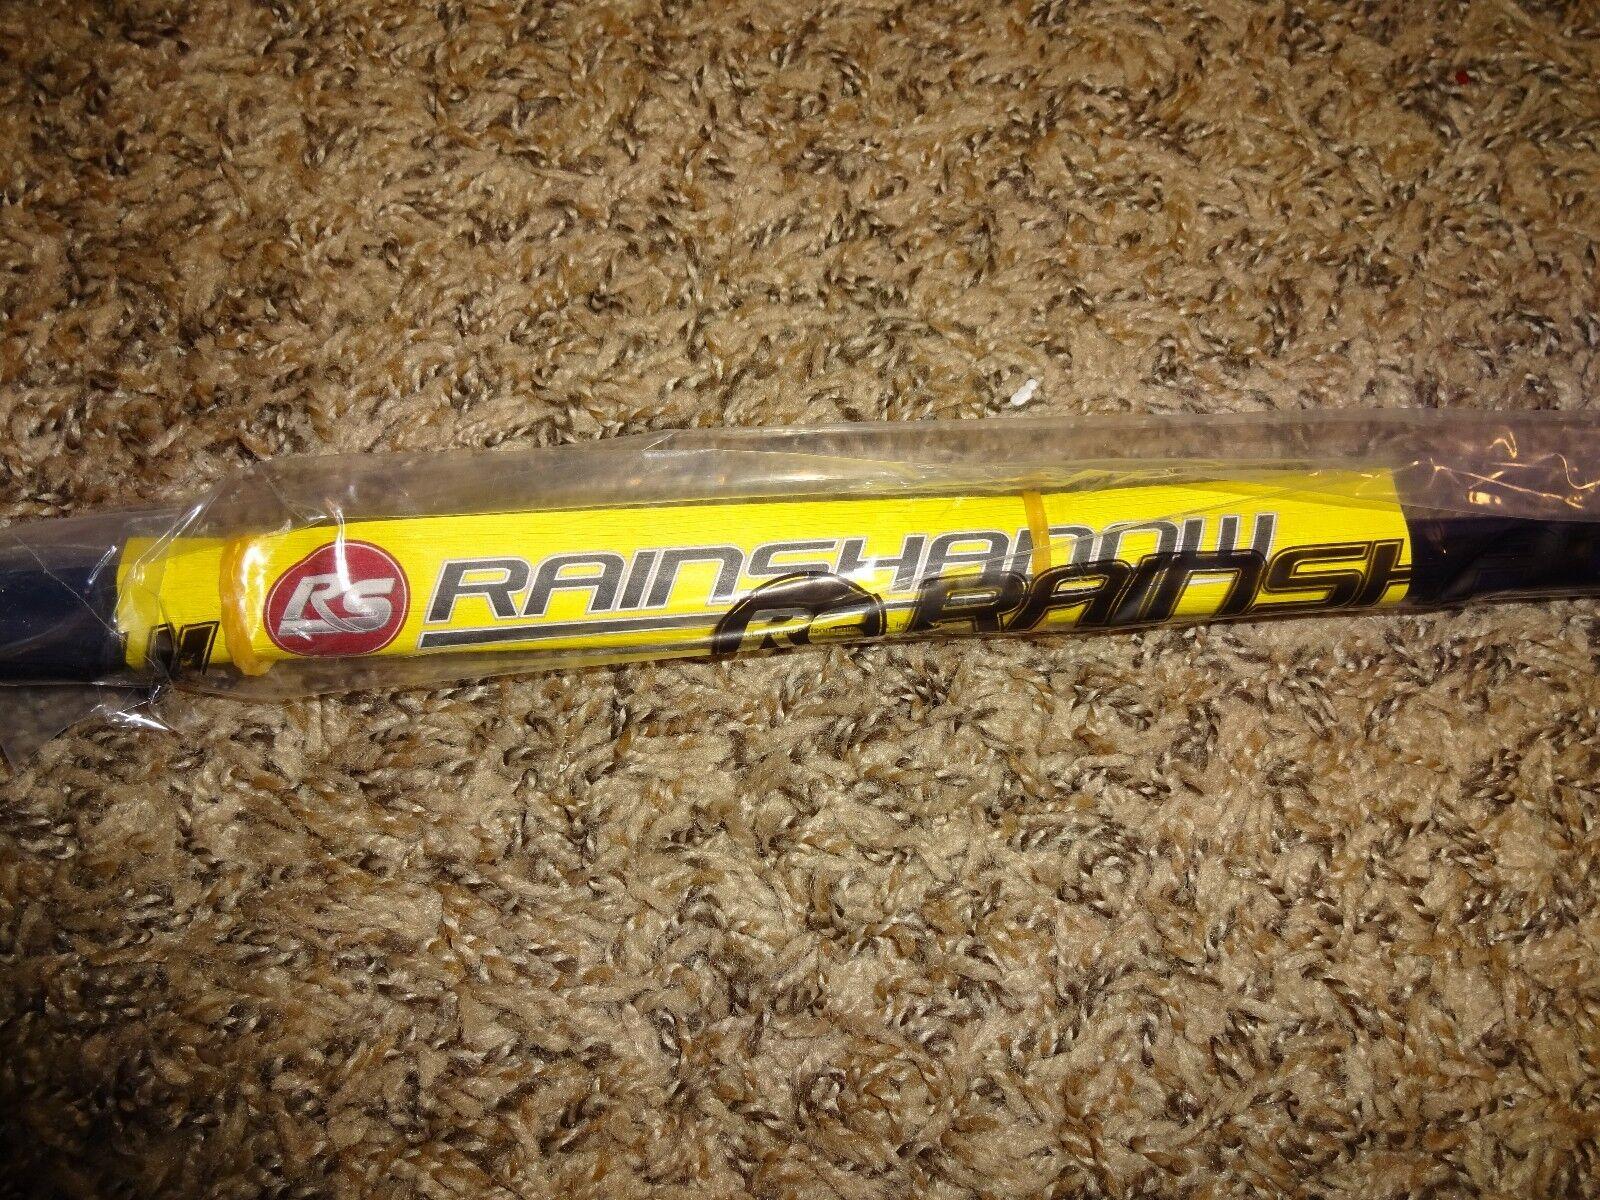 4 Rod Building Wrapping Rainshadow Fly Blank F805-4 8' 4pc 5wt Dark blu RX6